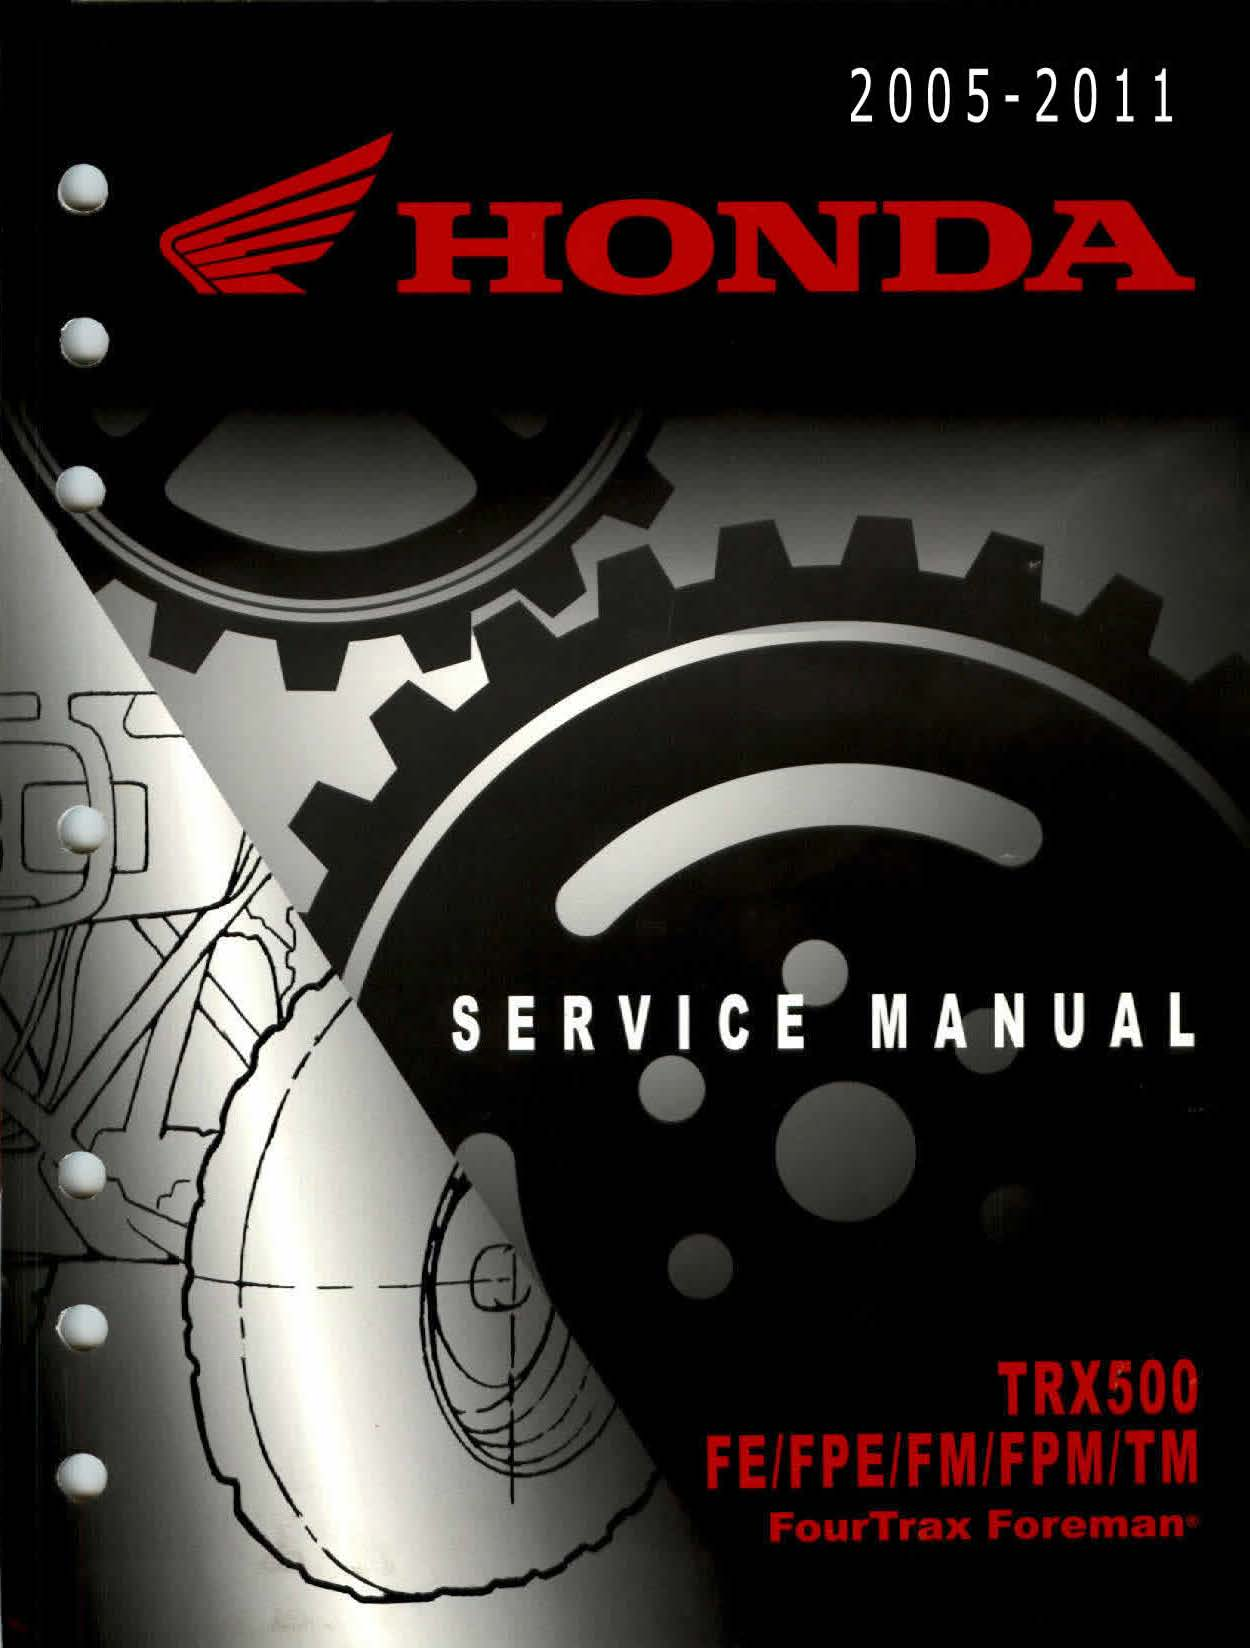 Workshopmanual for Honda TRX500 FE FPE FM FPM TM Foreman (2005-2011)